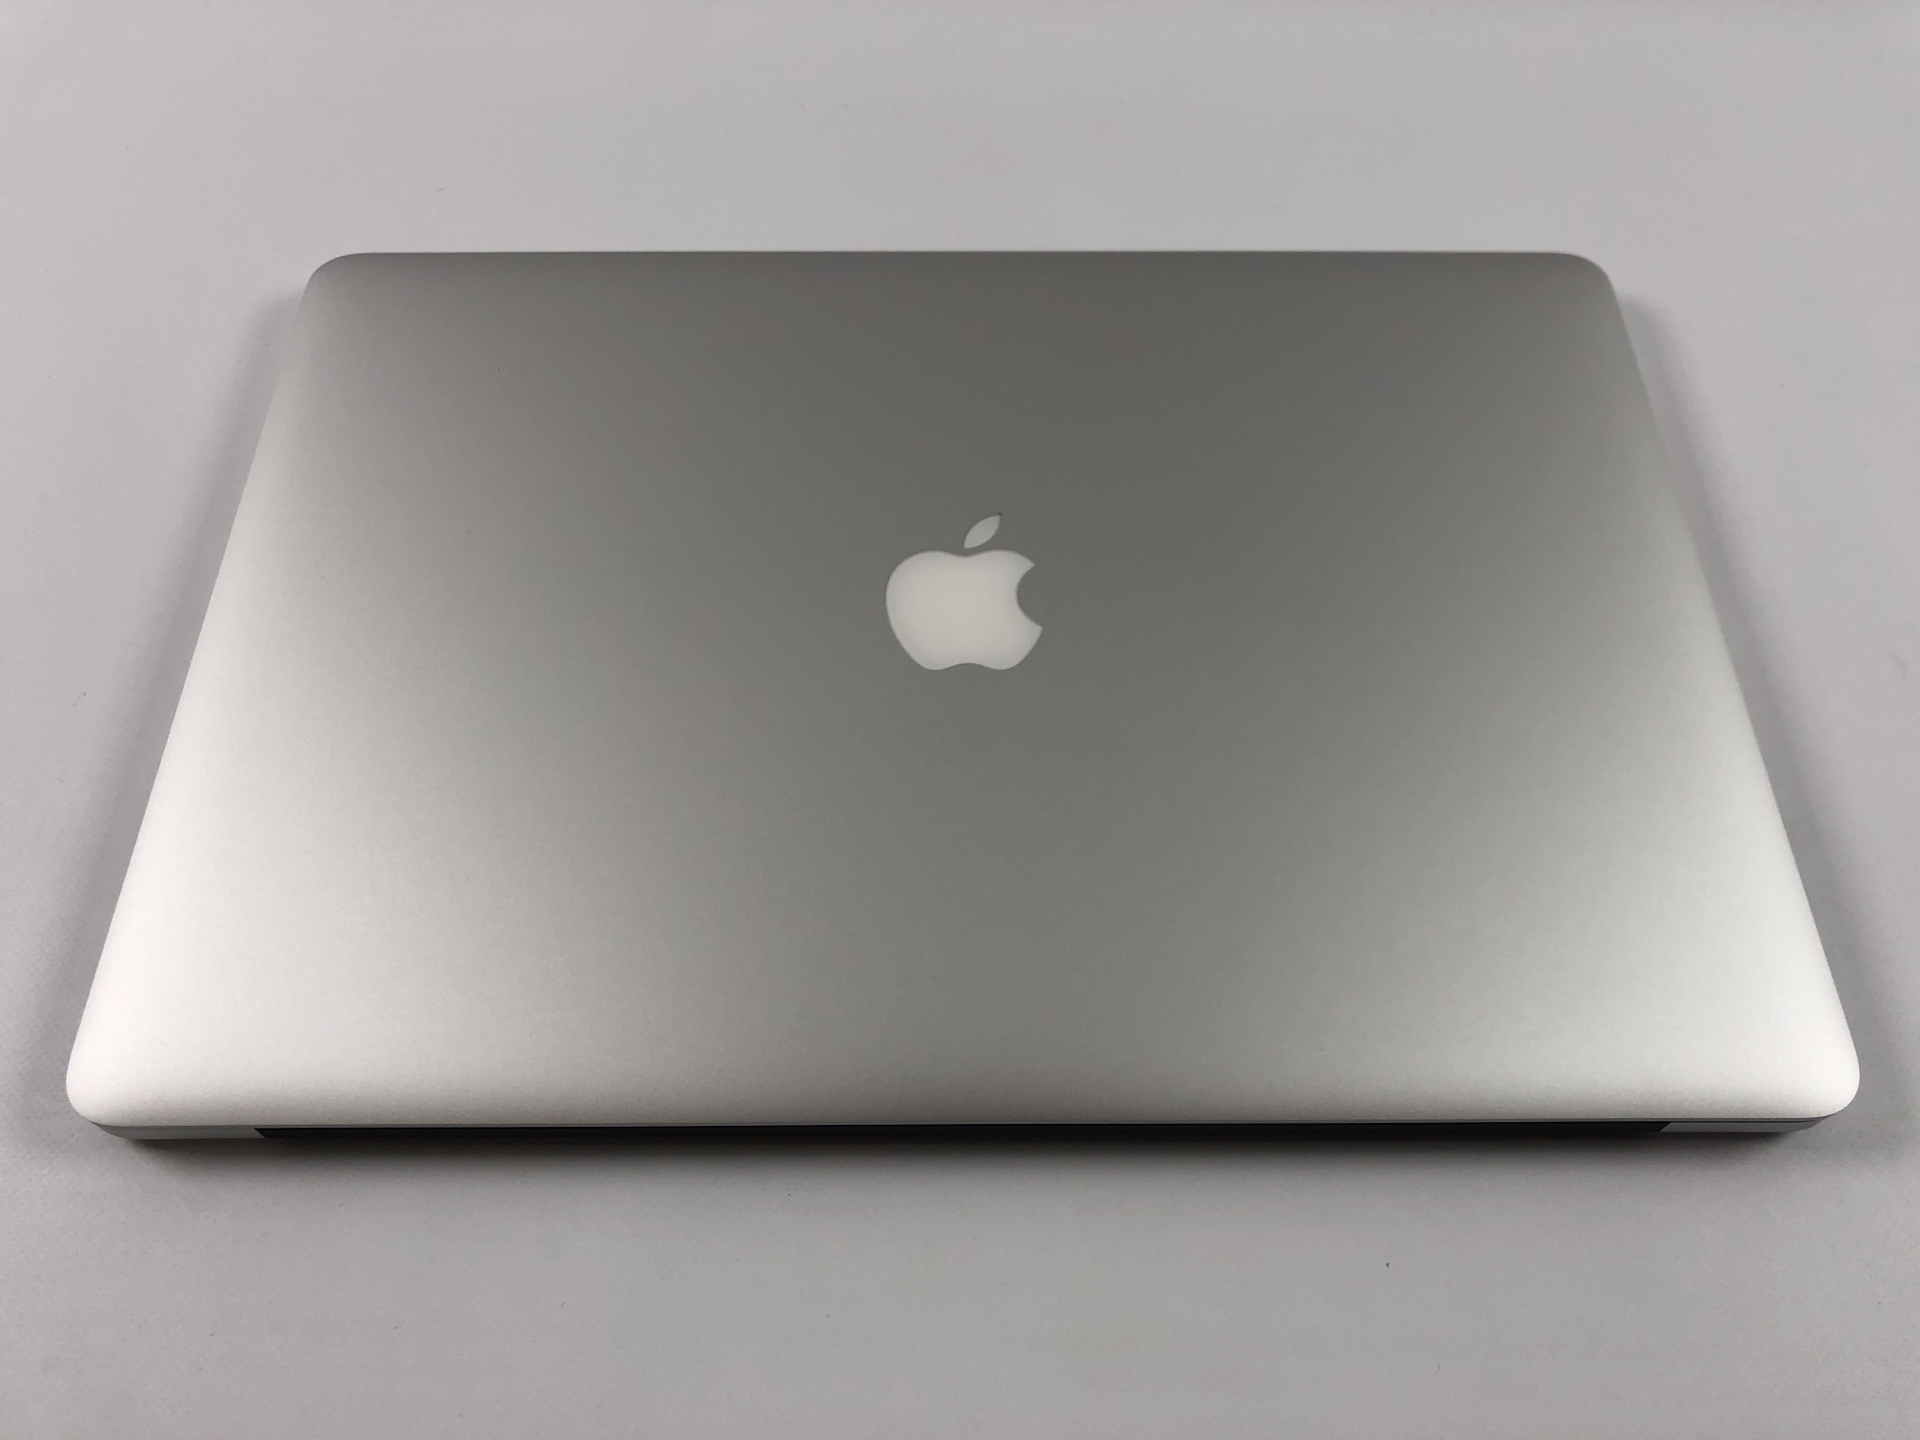 """MacBook Pro Retina 15"""" Mid 2014 (Intel Quad-Core i7 2.5 GHz 16 GB RAM 512 GB SSD), Intel Quad-Core i7 2.5 GHz, 16 GB RAM, 512 GB SSD, bild 3"""